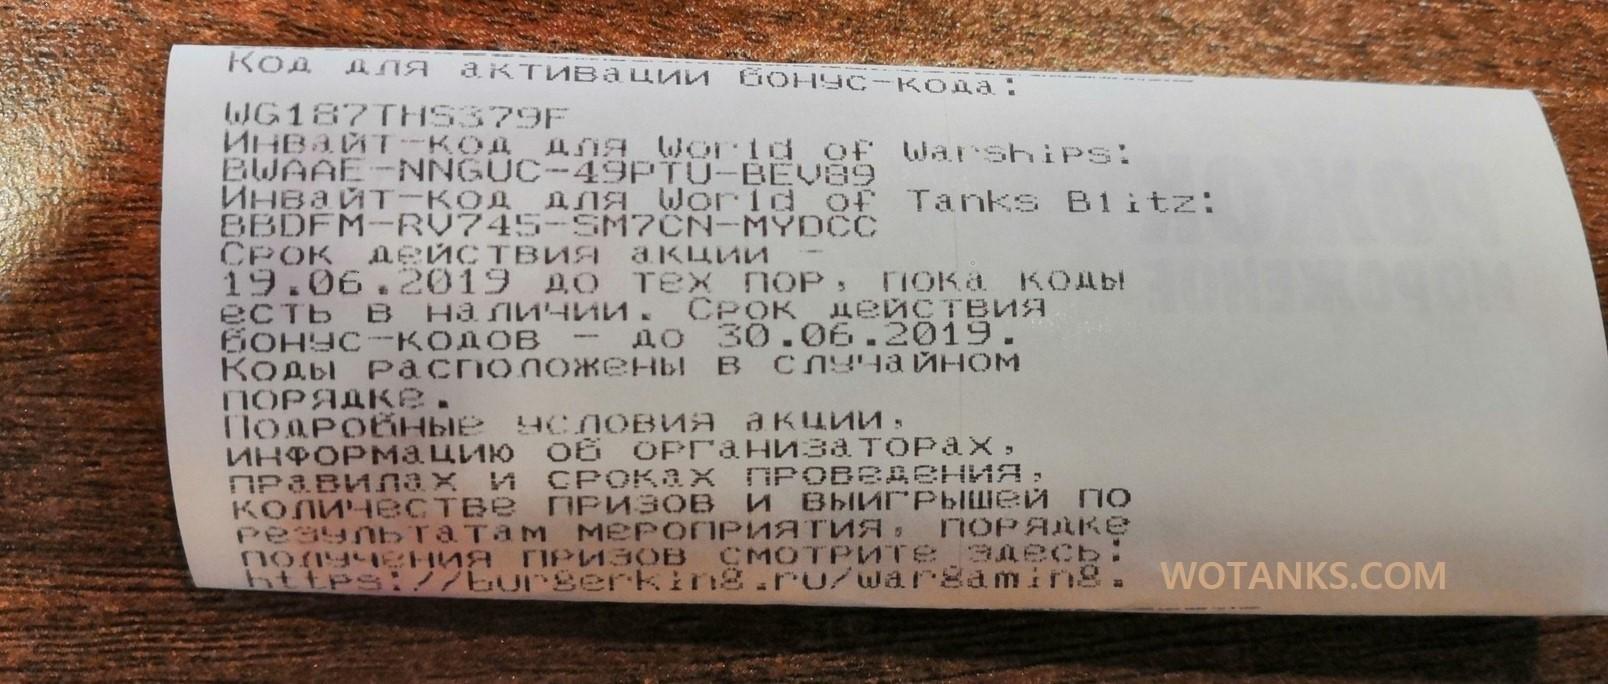 Бонус коды для World of Tanks и 2 инвайт кода